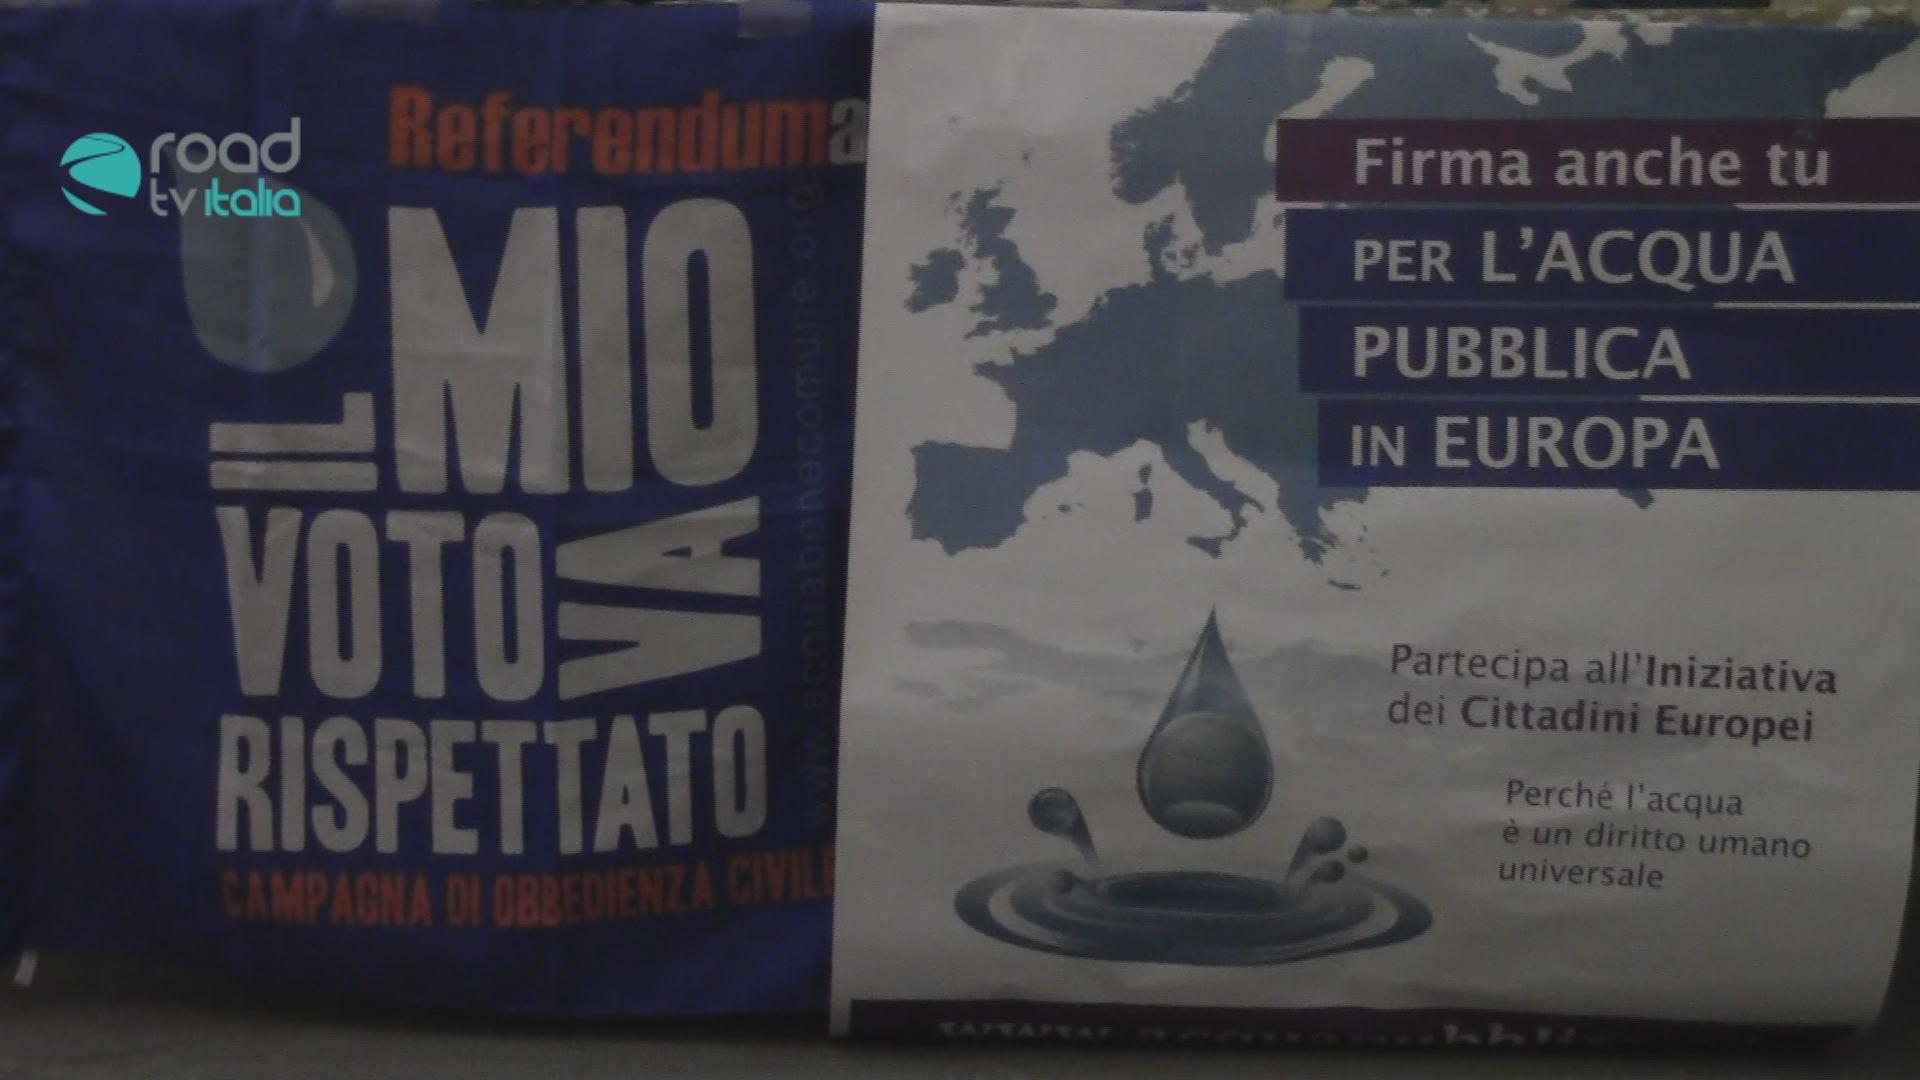 Acqua pubblica: De Magistris, padre Zanotelli e Ugo Mattei insieme per tutelare l'Acqua Bene Comune